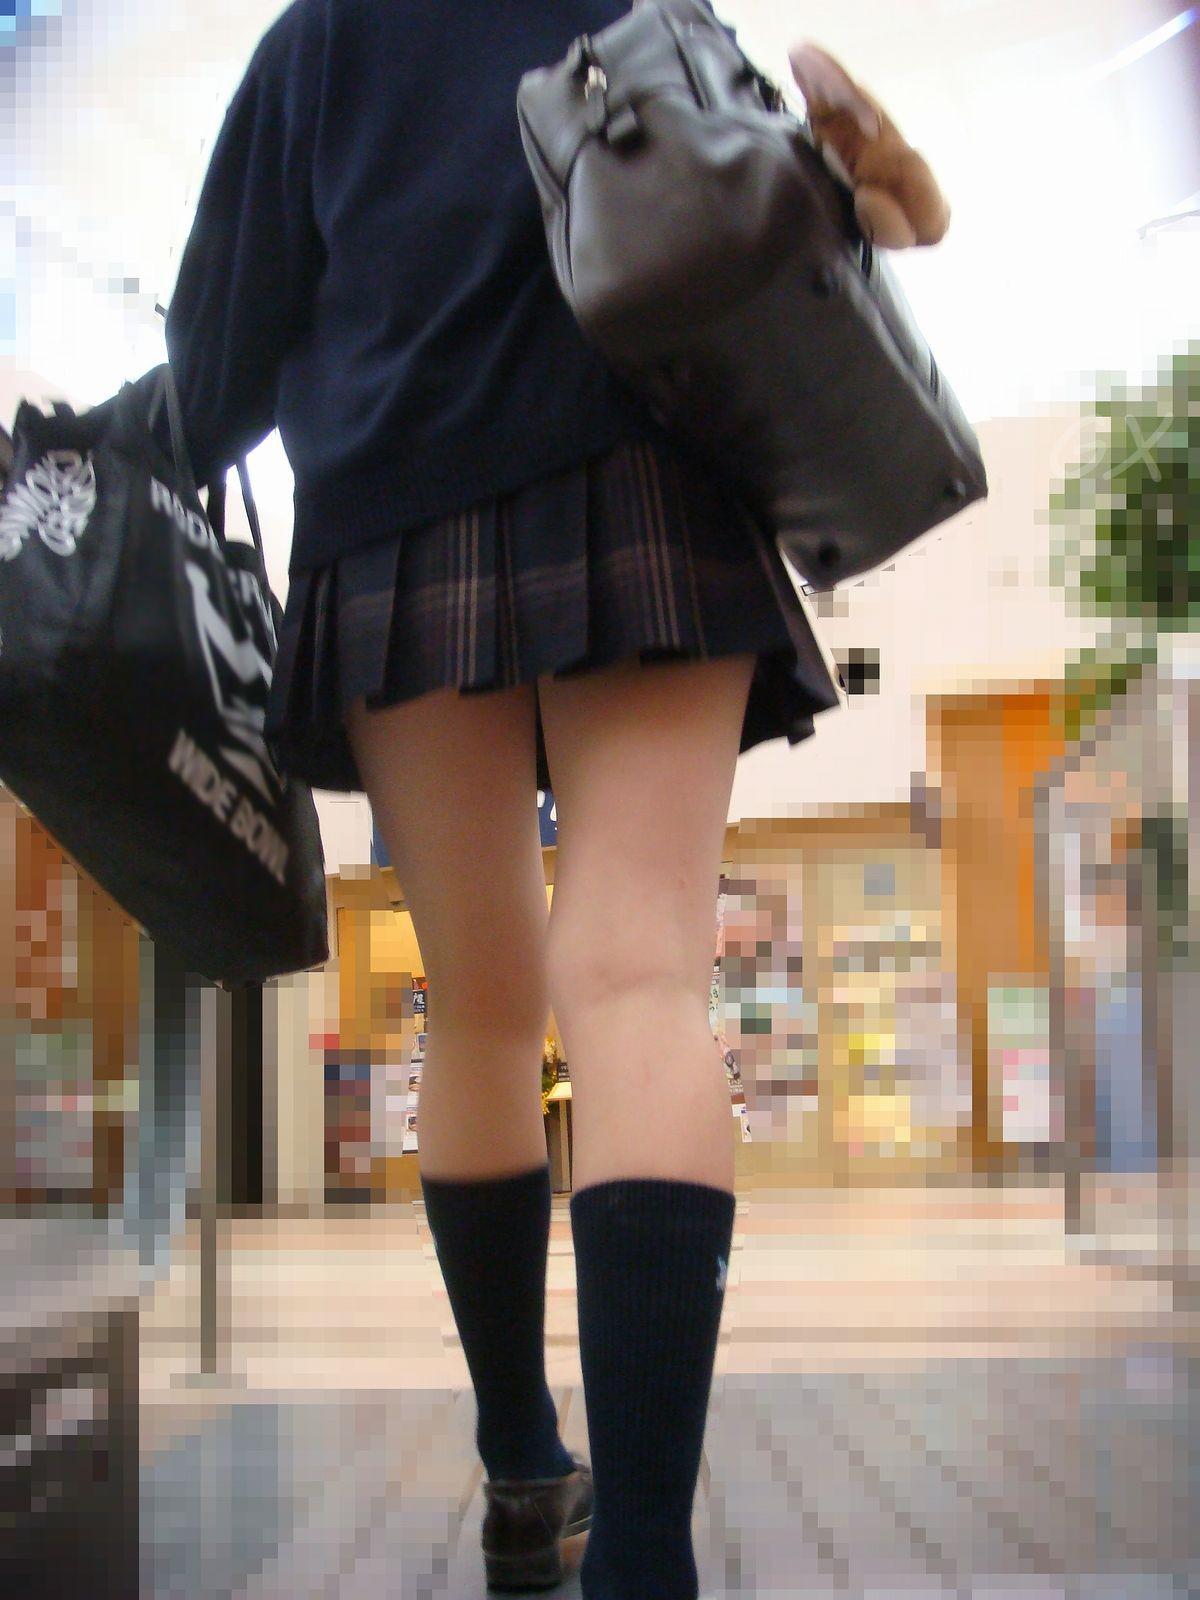 【街撮りJK】街撮りされた女子高生の健康的な太ももがやべぇ…不覚にも勃起してしまったwwww その7